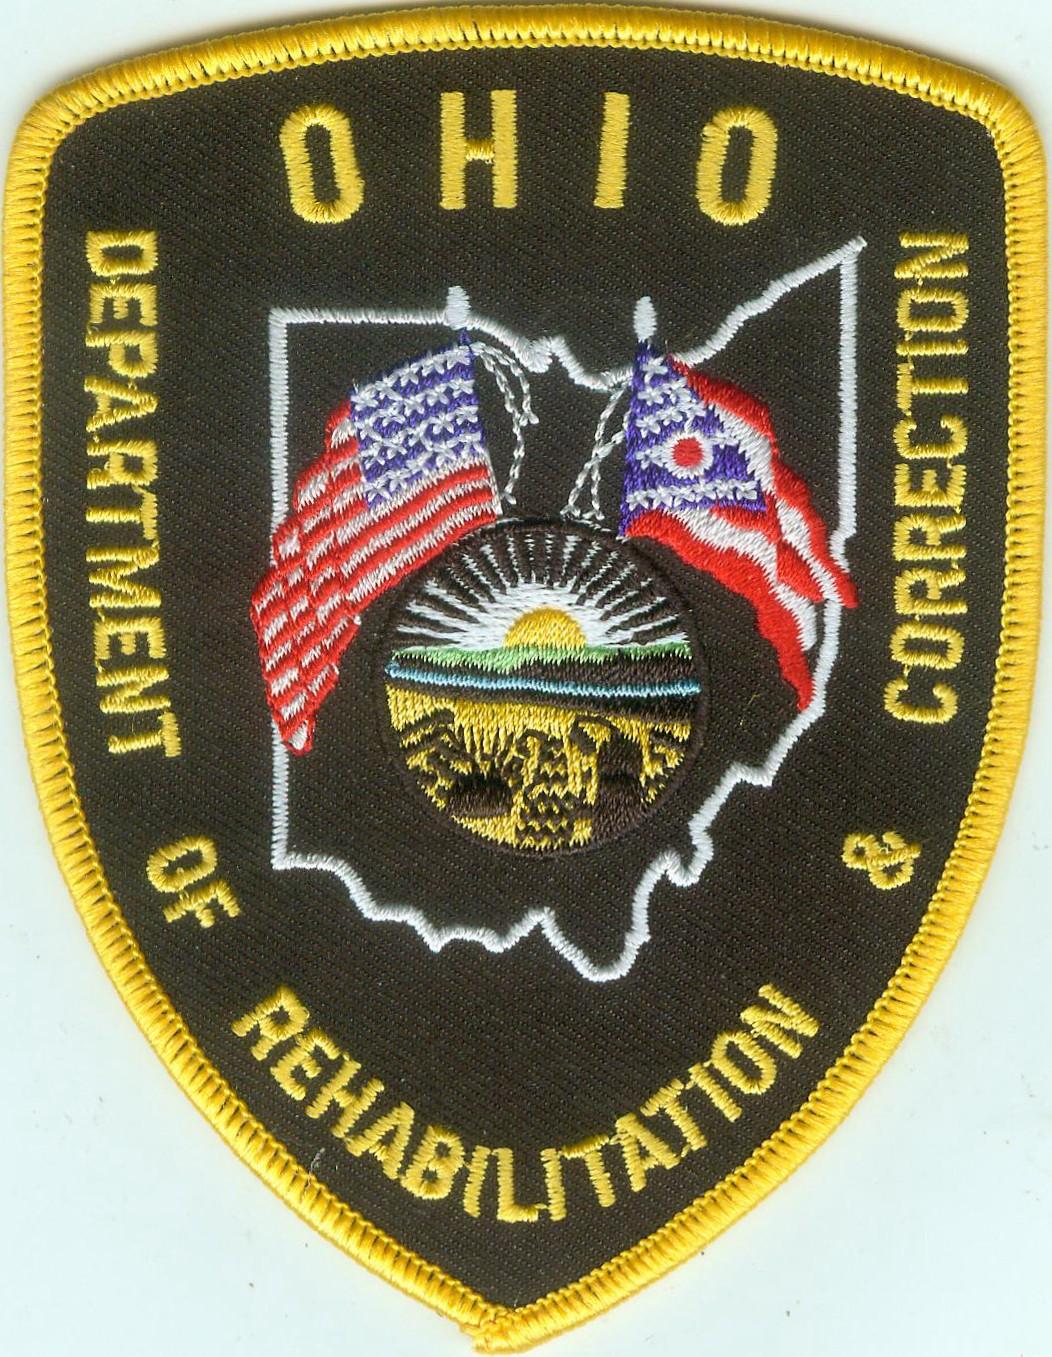 Corrections Emblem